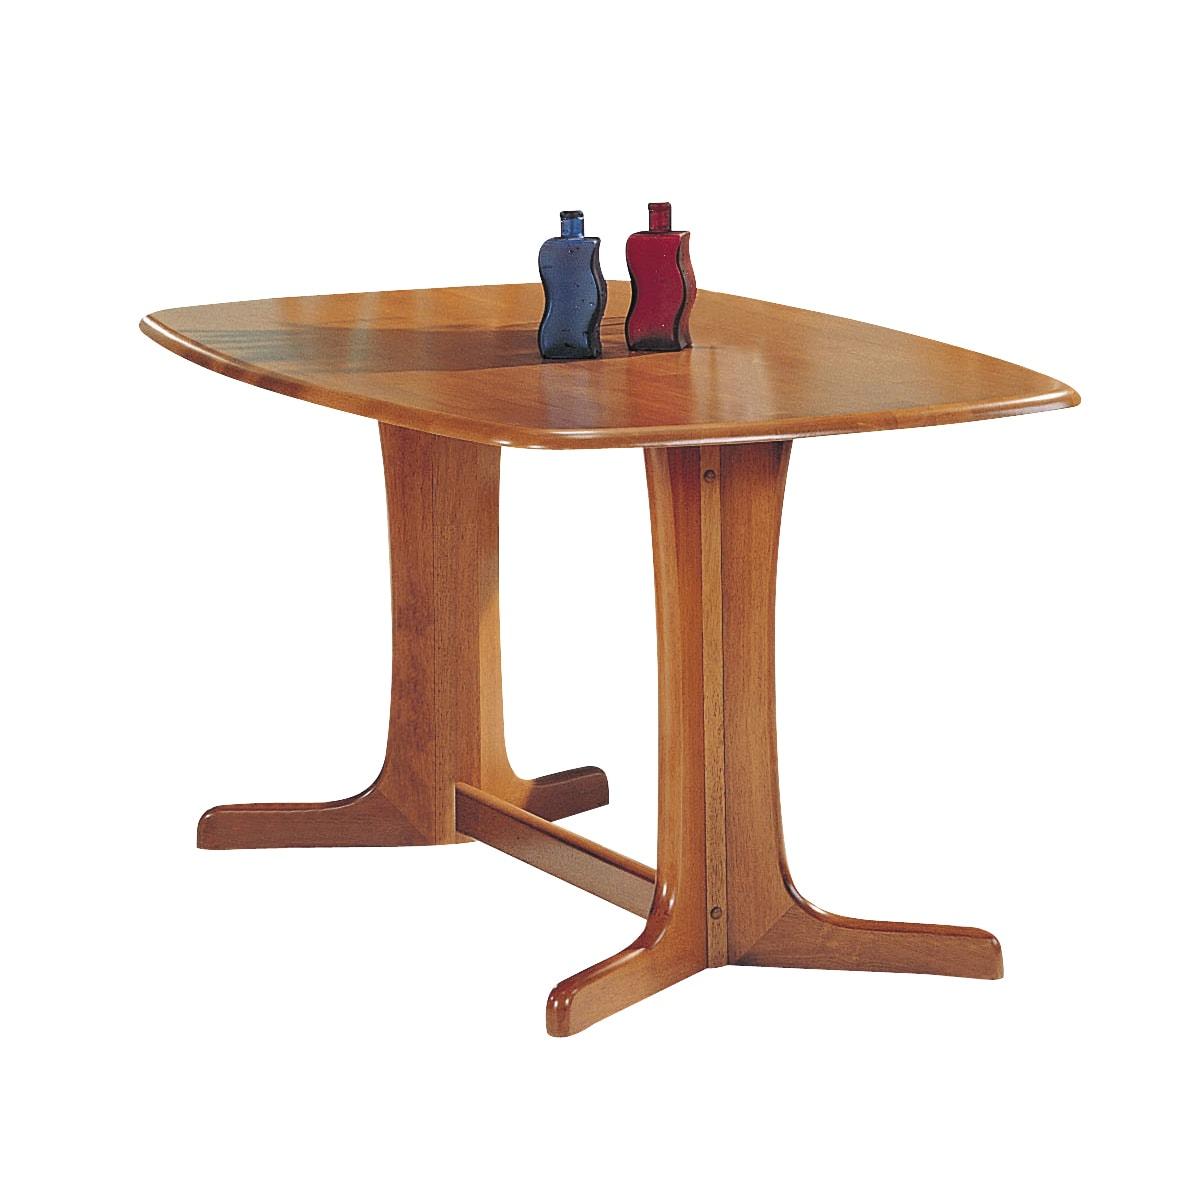 'Stockholm' Oak-finished Dining Table